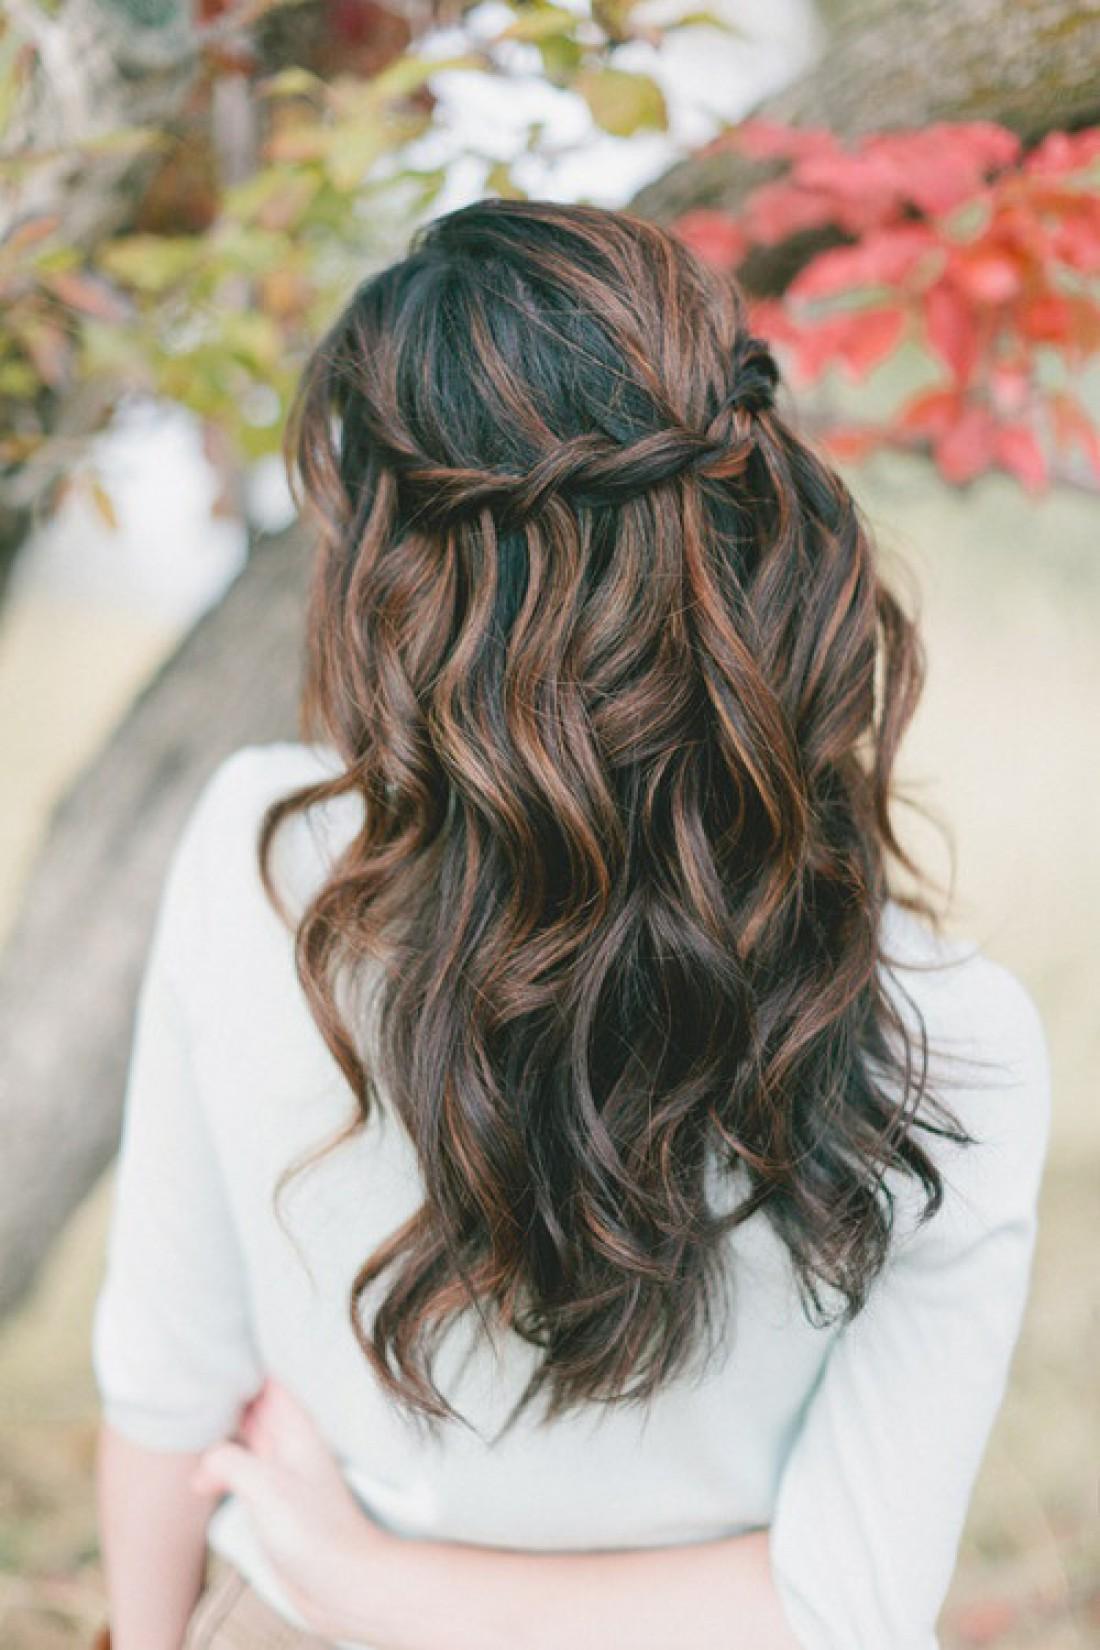 Осенью твоим волосам нужен особенный уход